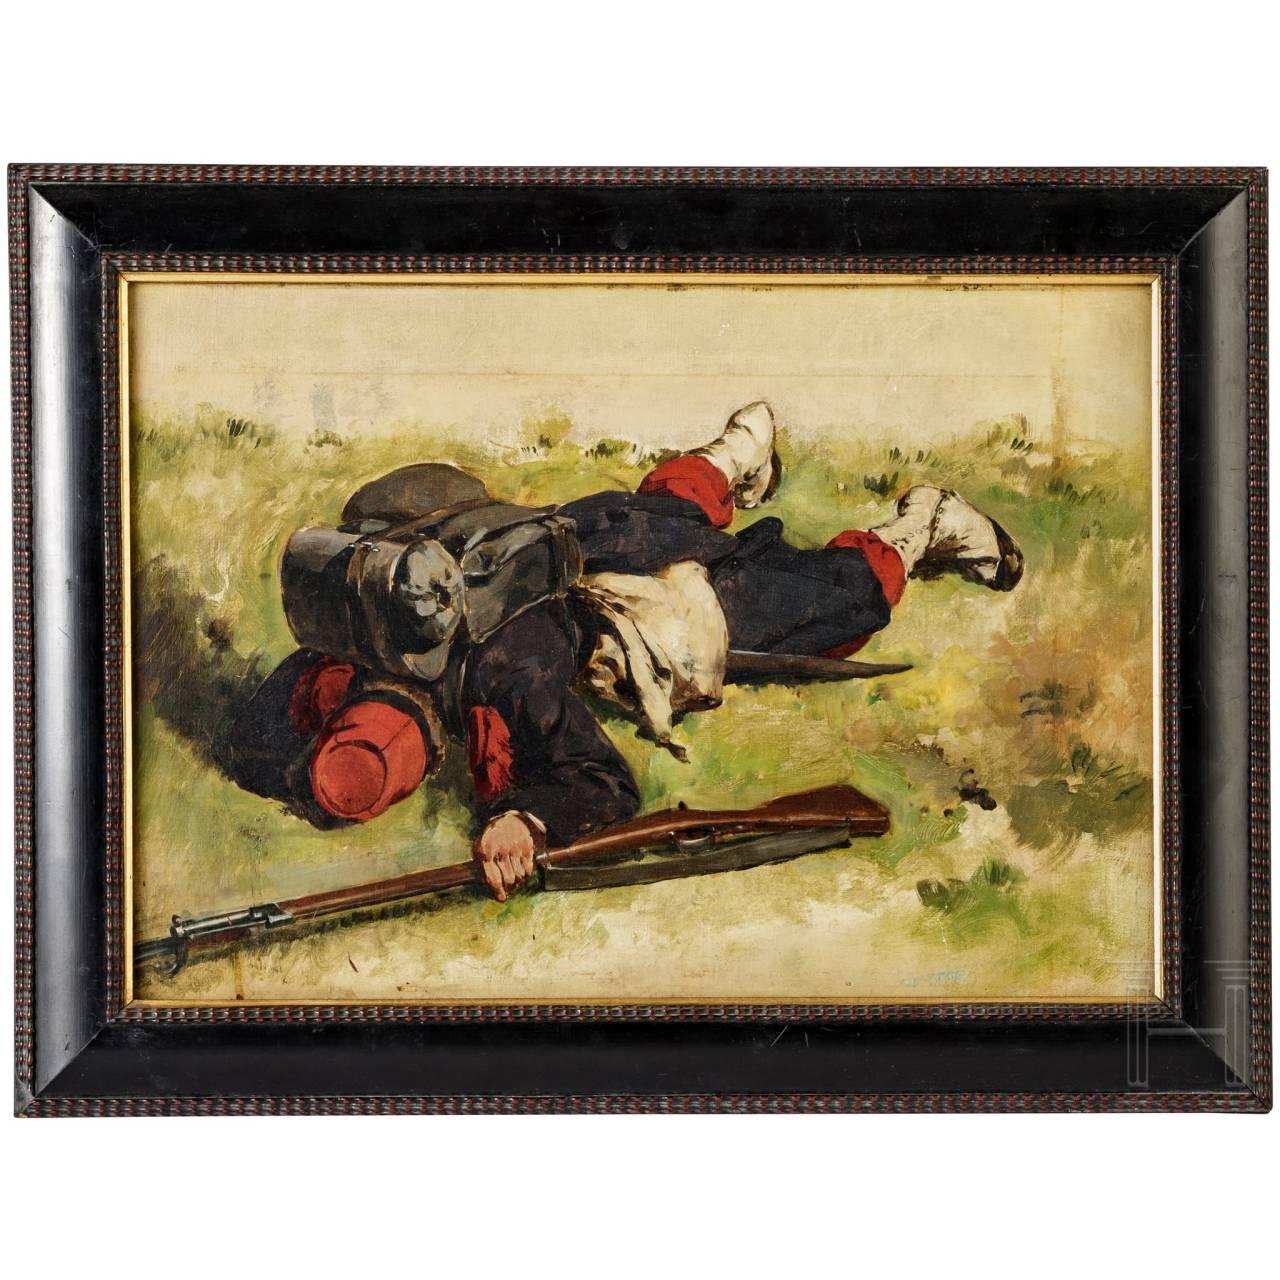 Prof. Louis Braun (1836 - 1916) - Studie eines gefallenen französischen Soldaten, um 1870